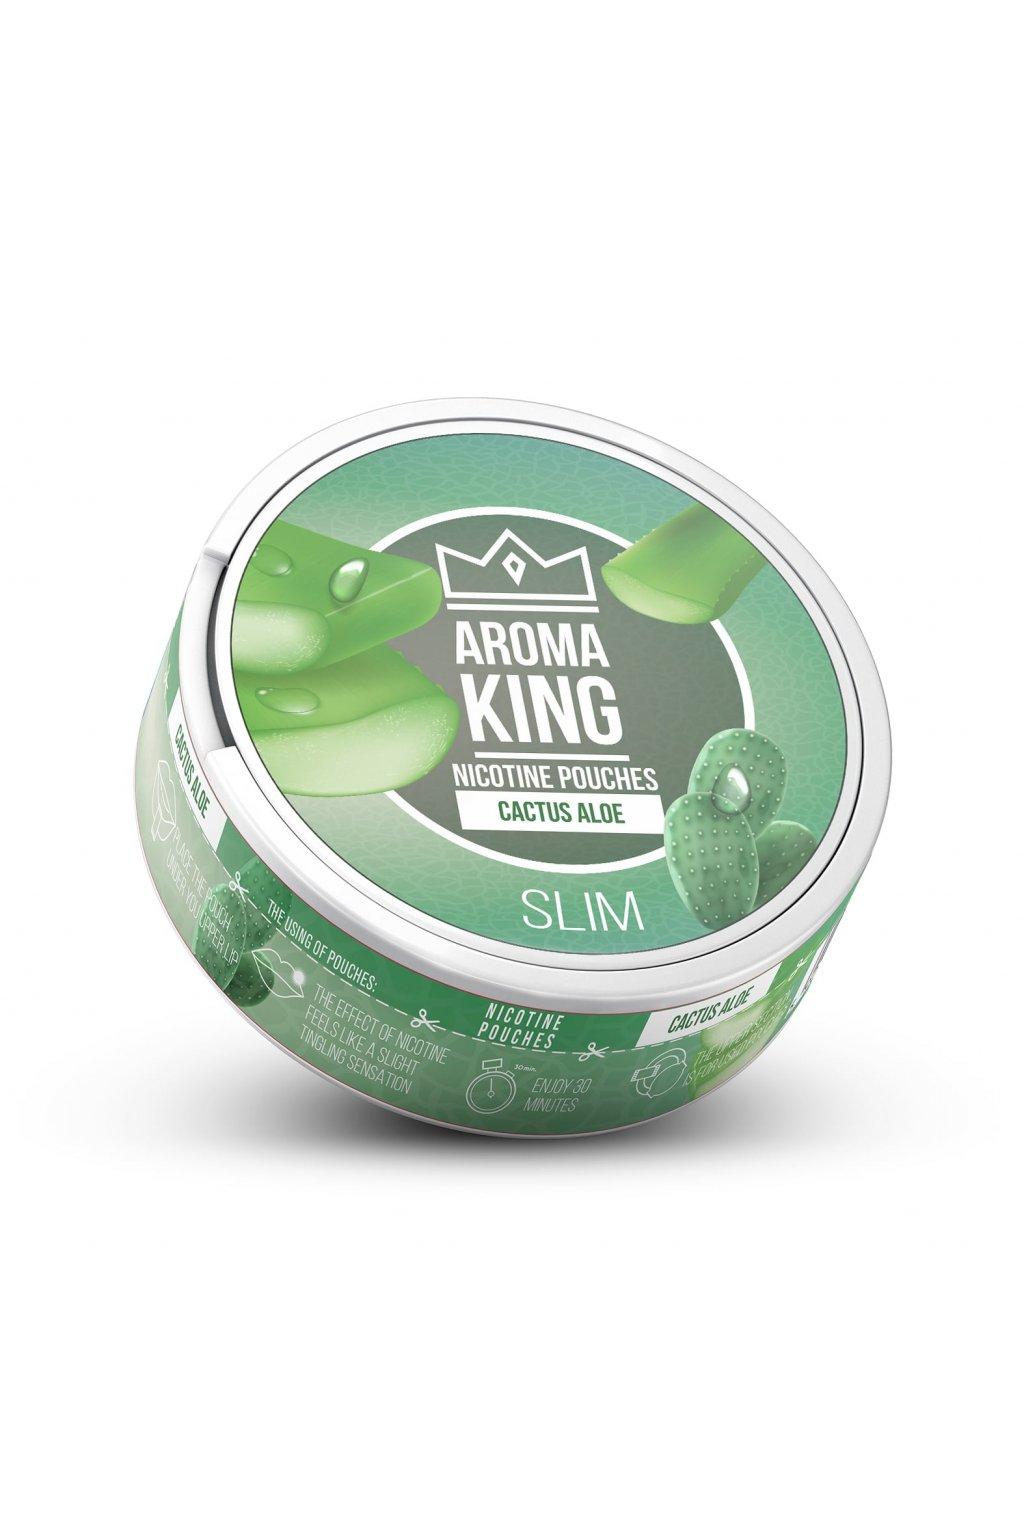 Aroma King cactus aloe 60 mg 20 mg  nikotinove sacky nicopods